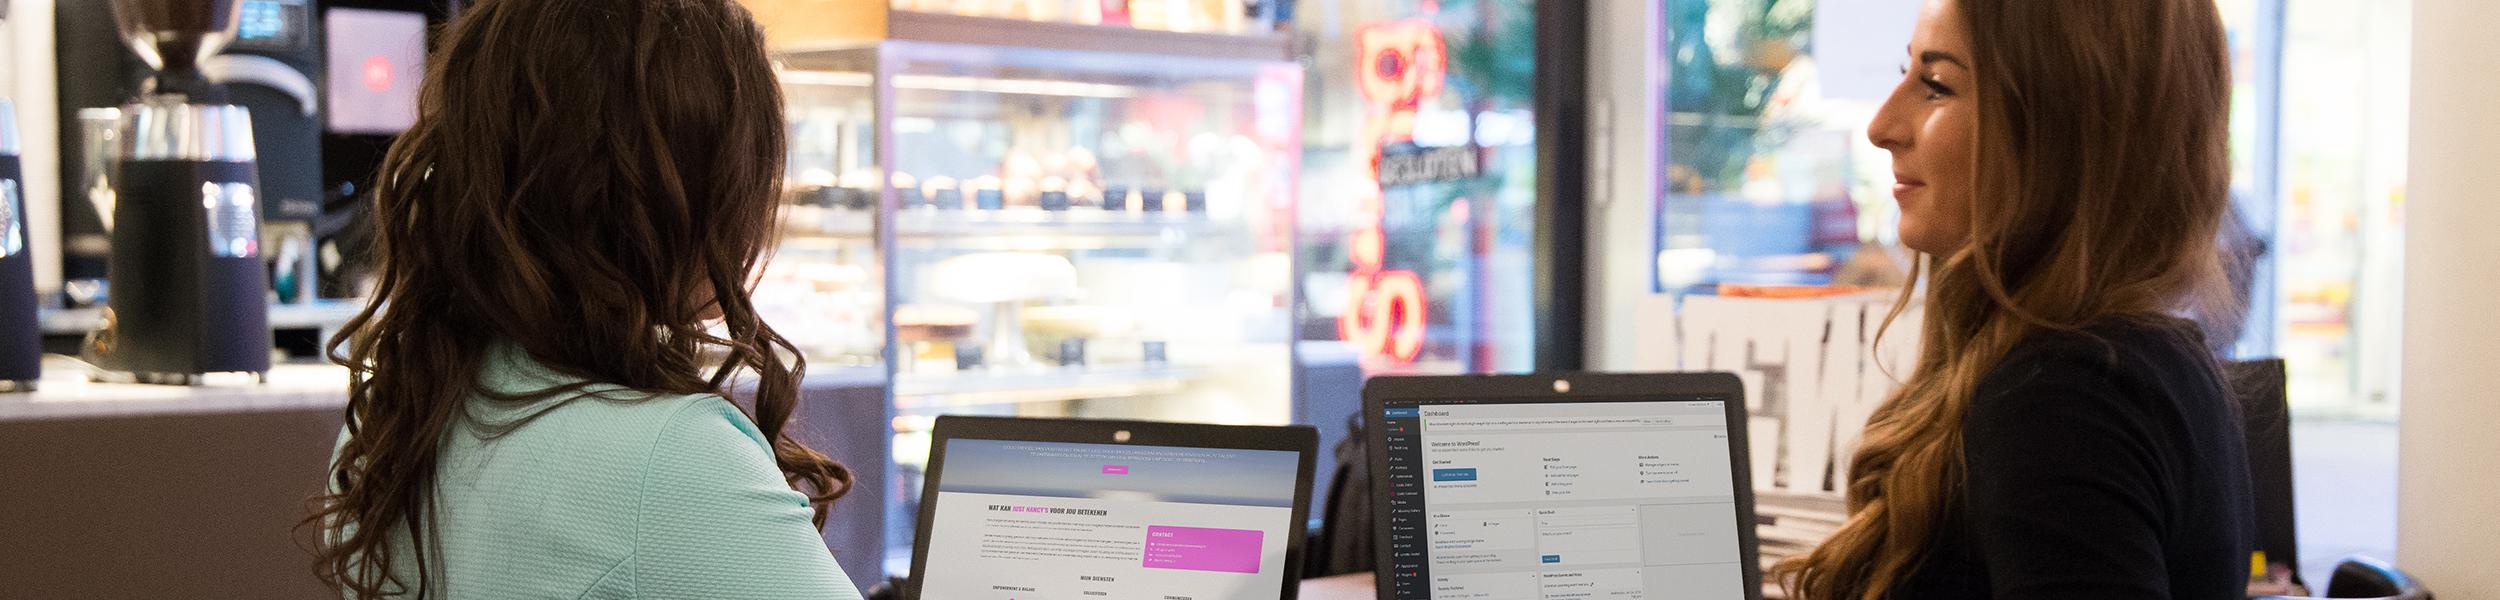 Wij zijn Anne-Claire & Shanice, samen zijn wij de perfecte combinatie tussen online marketing en web building!